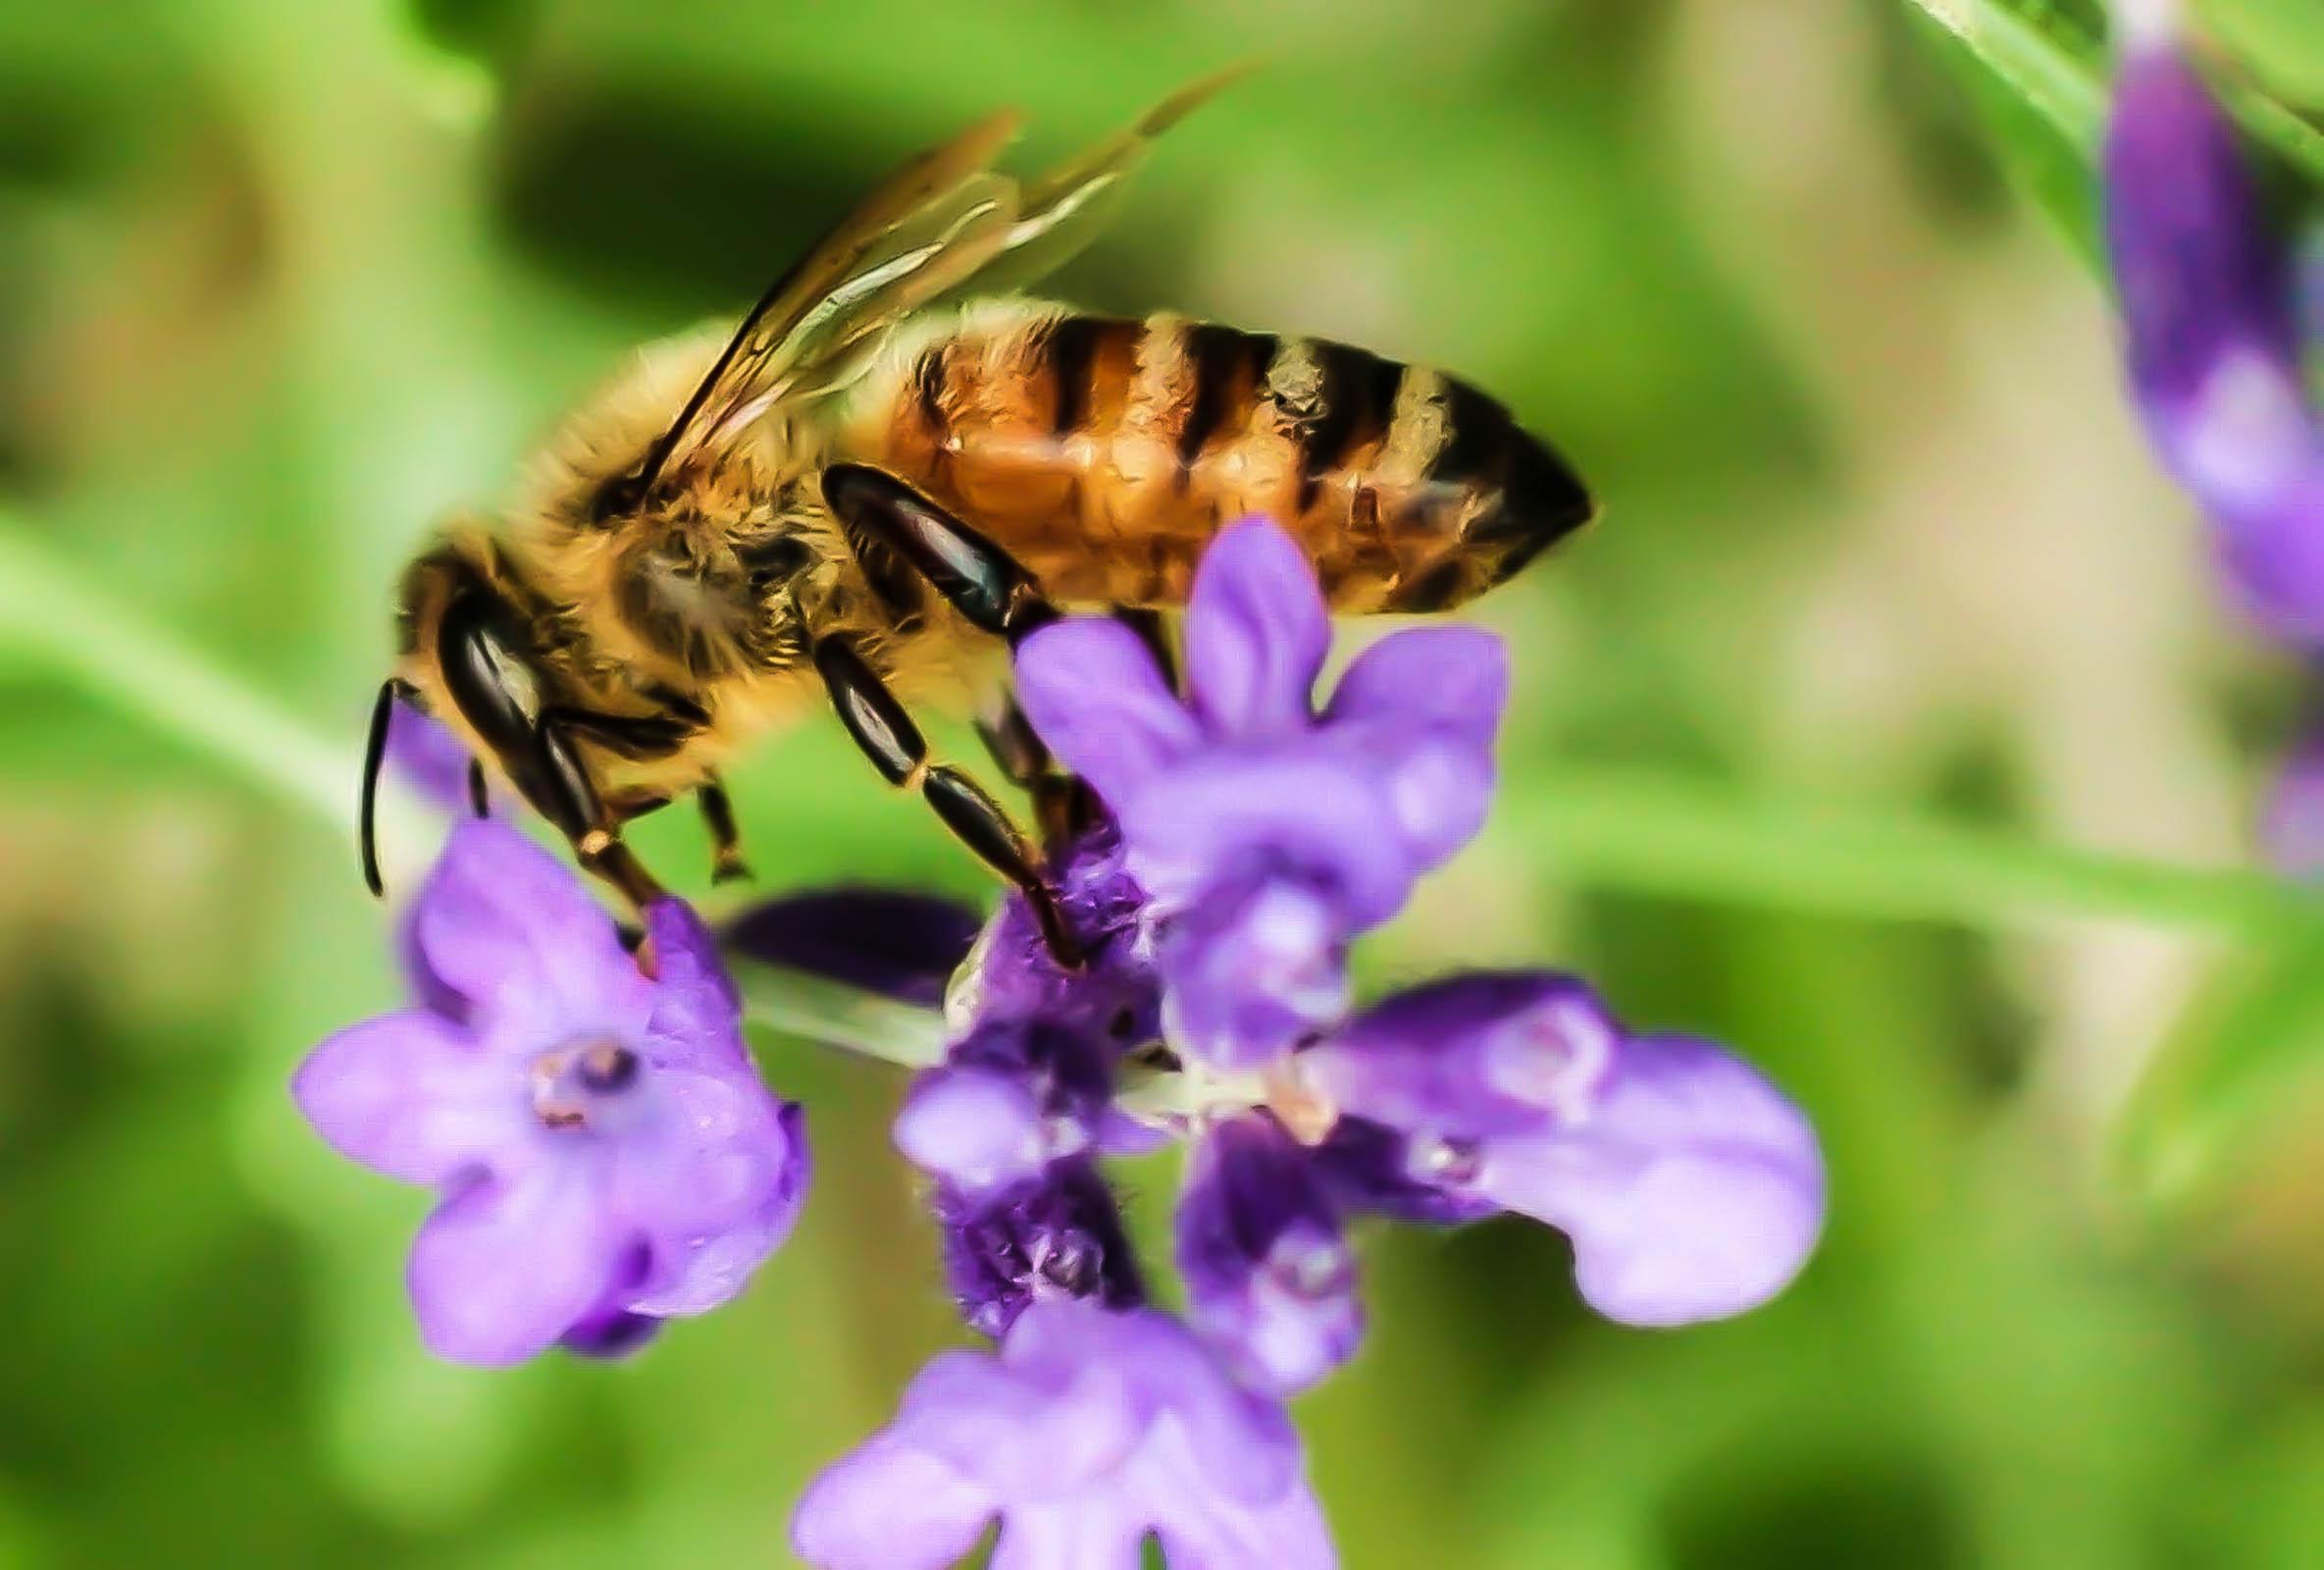 Bees--July 4 2009 186-3.jpg